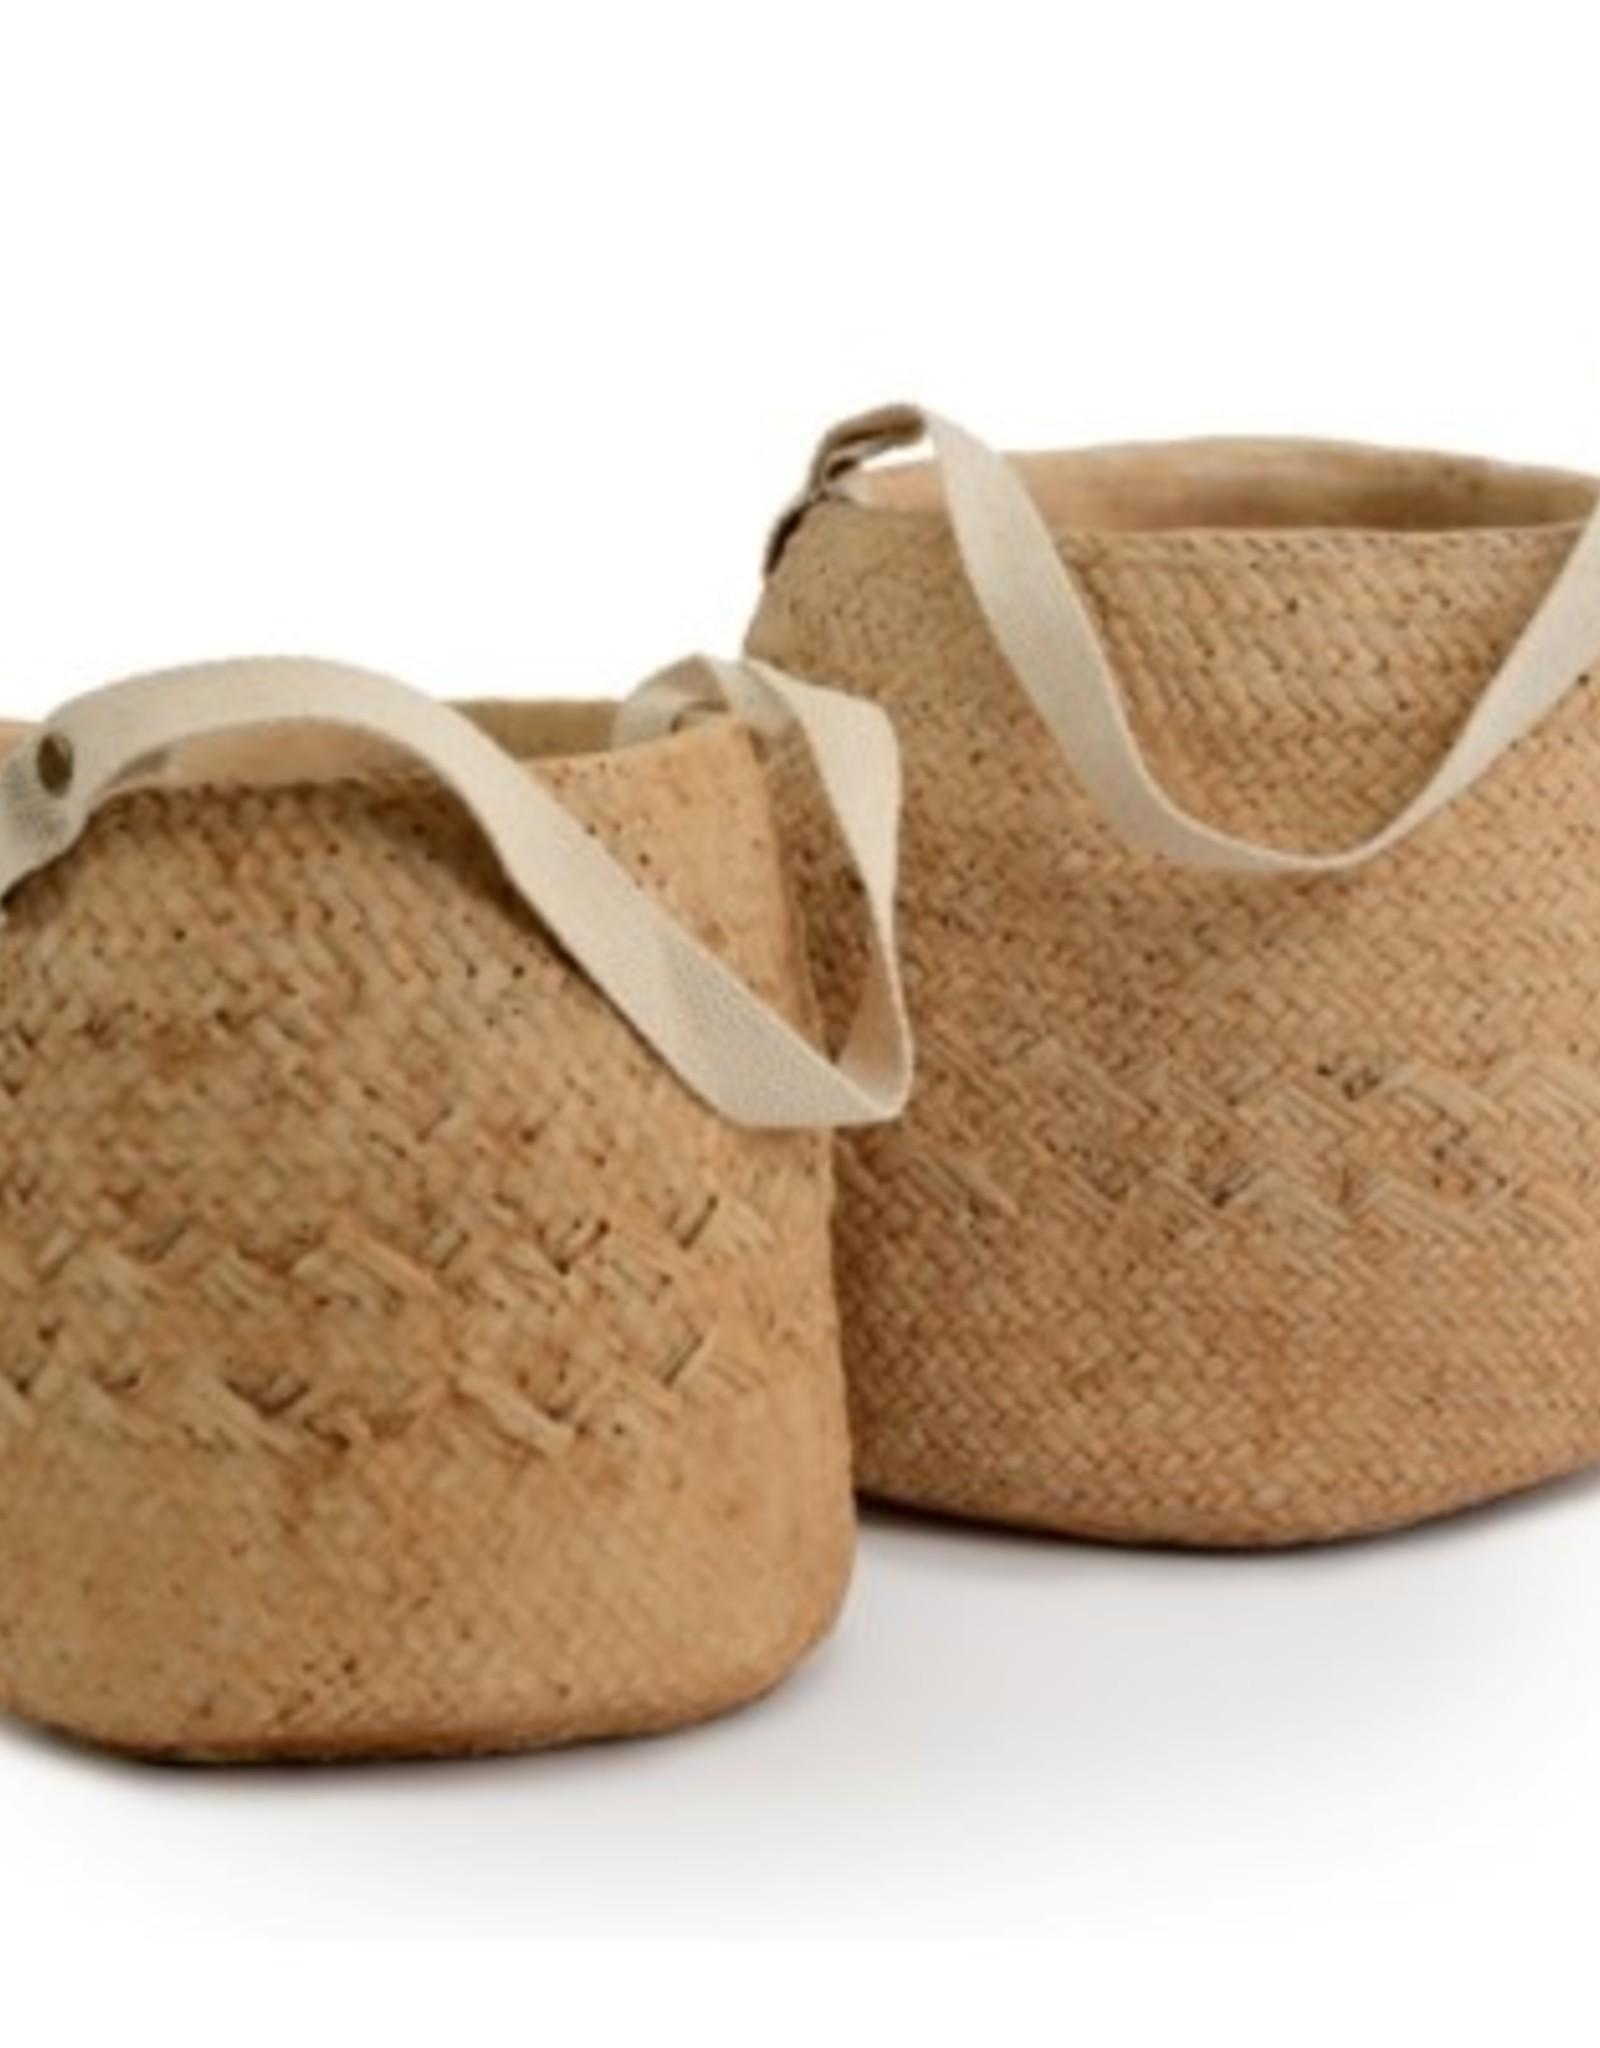 Pot panier tissé en ciment avec poignée en coton (petit)